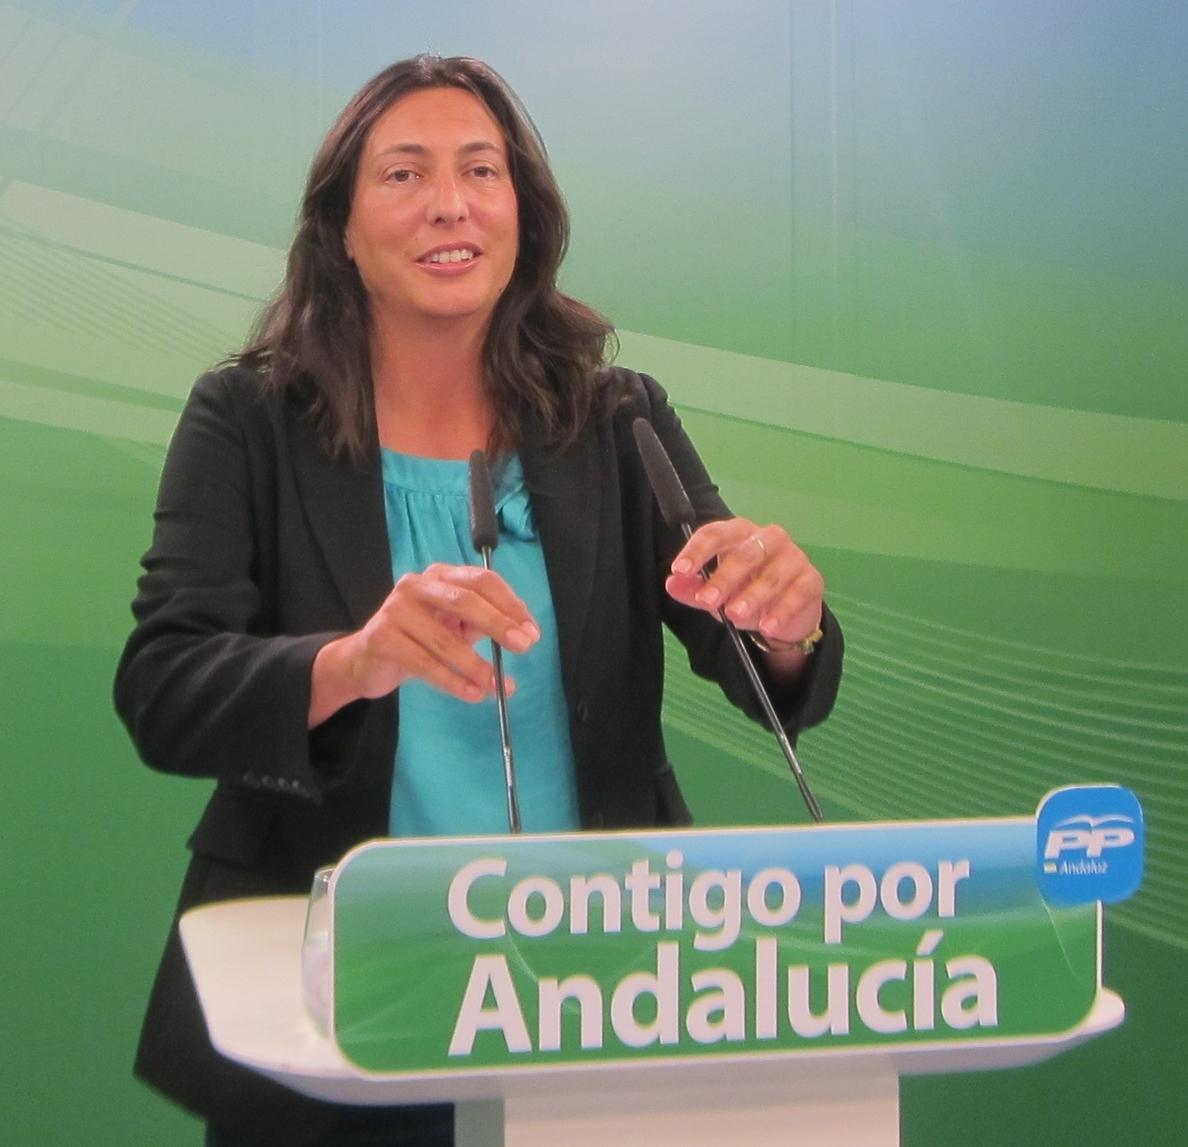 PP-A reclama que el Presupuesto de la Junta de 2016 no recoja los «recortes que aplica desde 2012» a empleados públicos